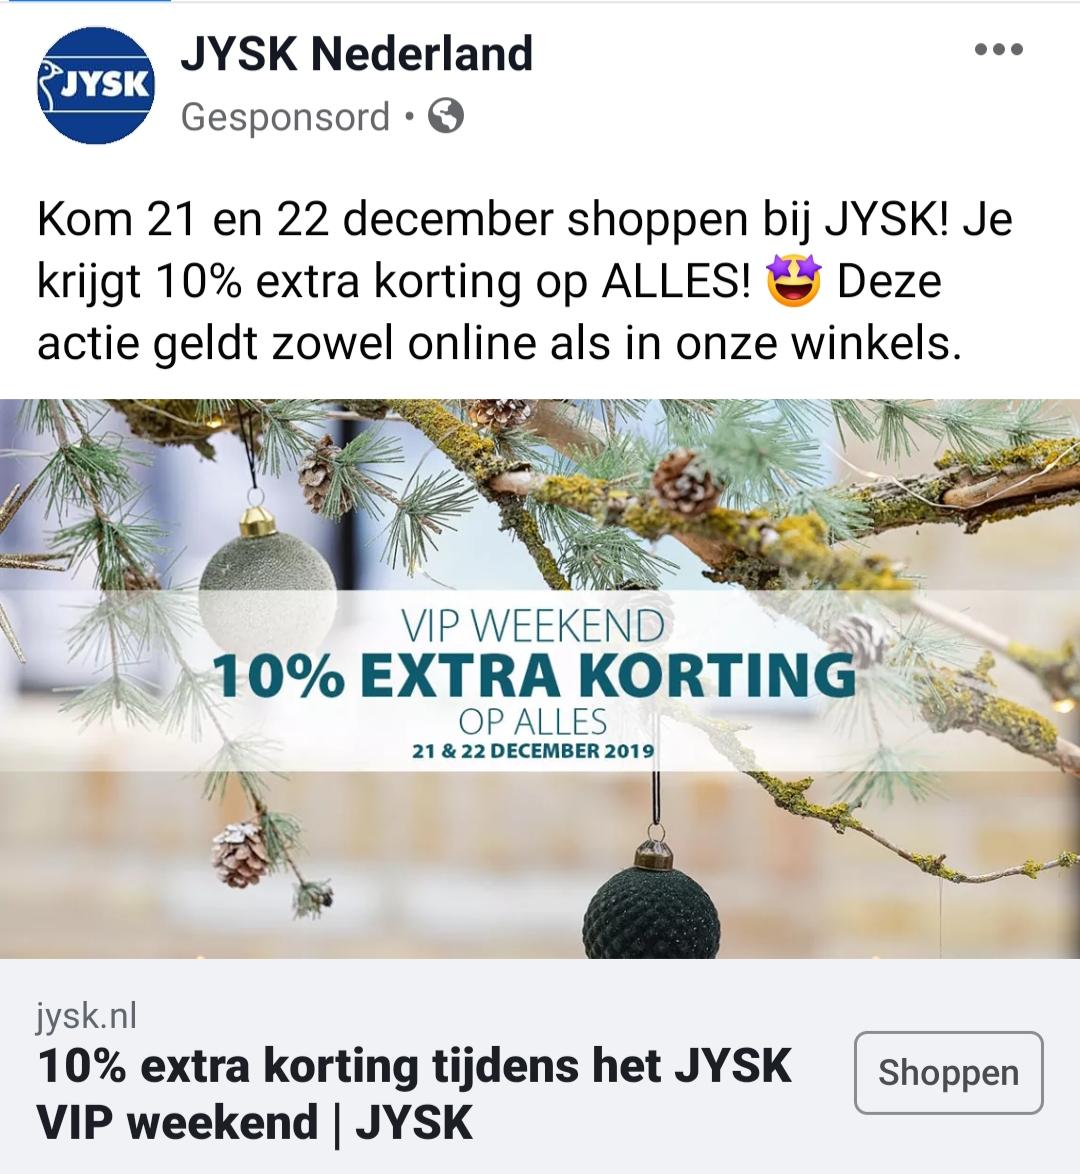 10% extra korting op ALLES bij JYSK